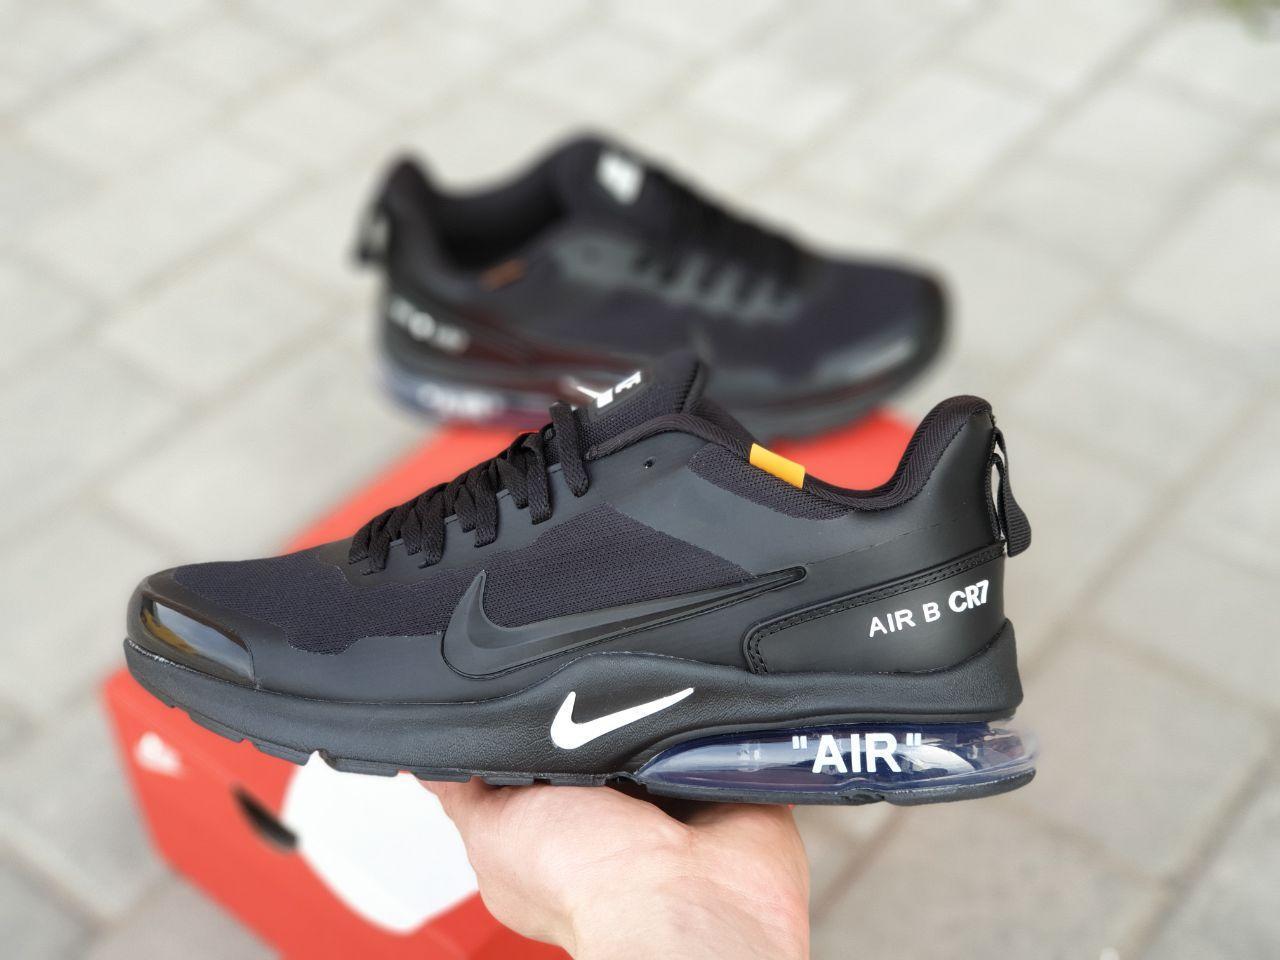 Мужские летние кроссовки Nike Air Presto CR7 Black сетка молодежные кроссовки в стиле Найк